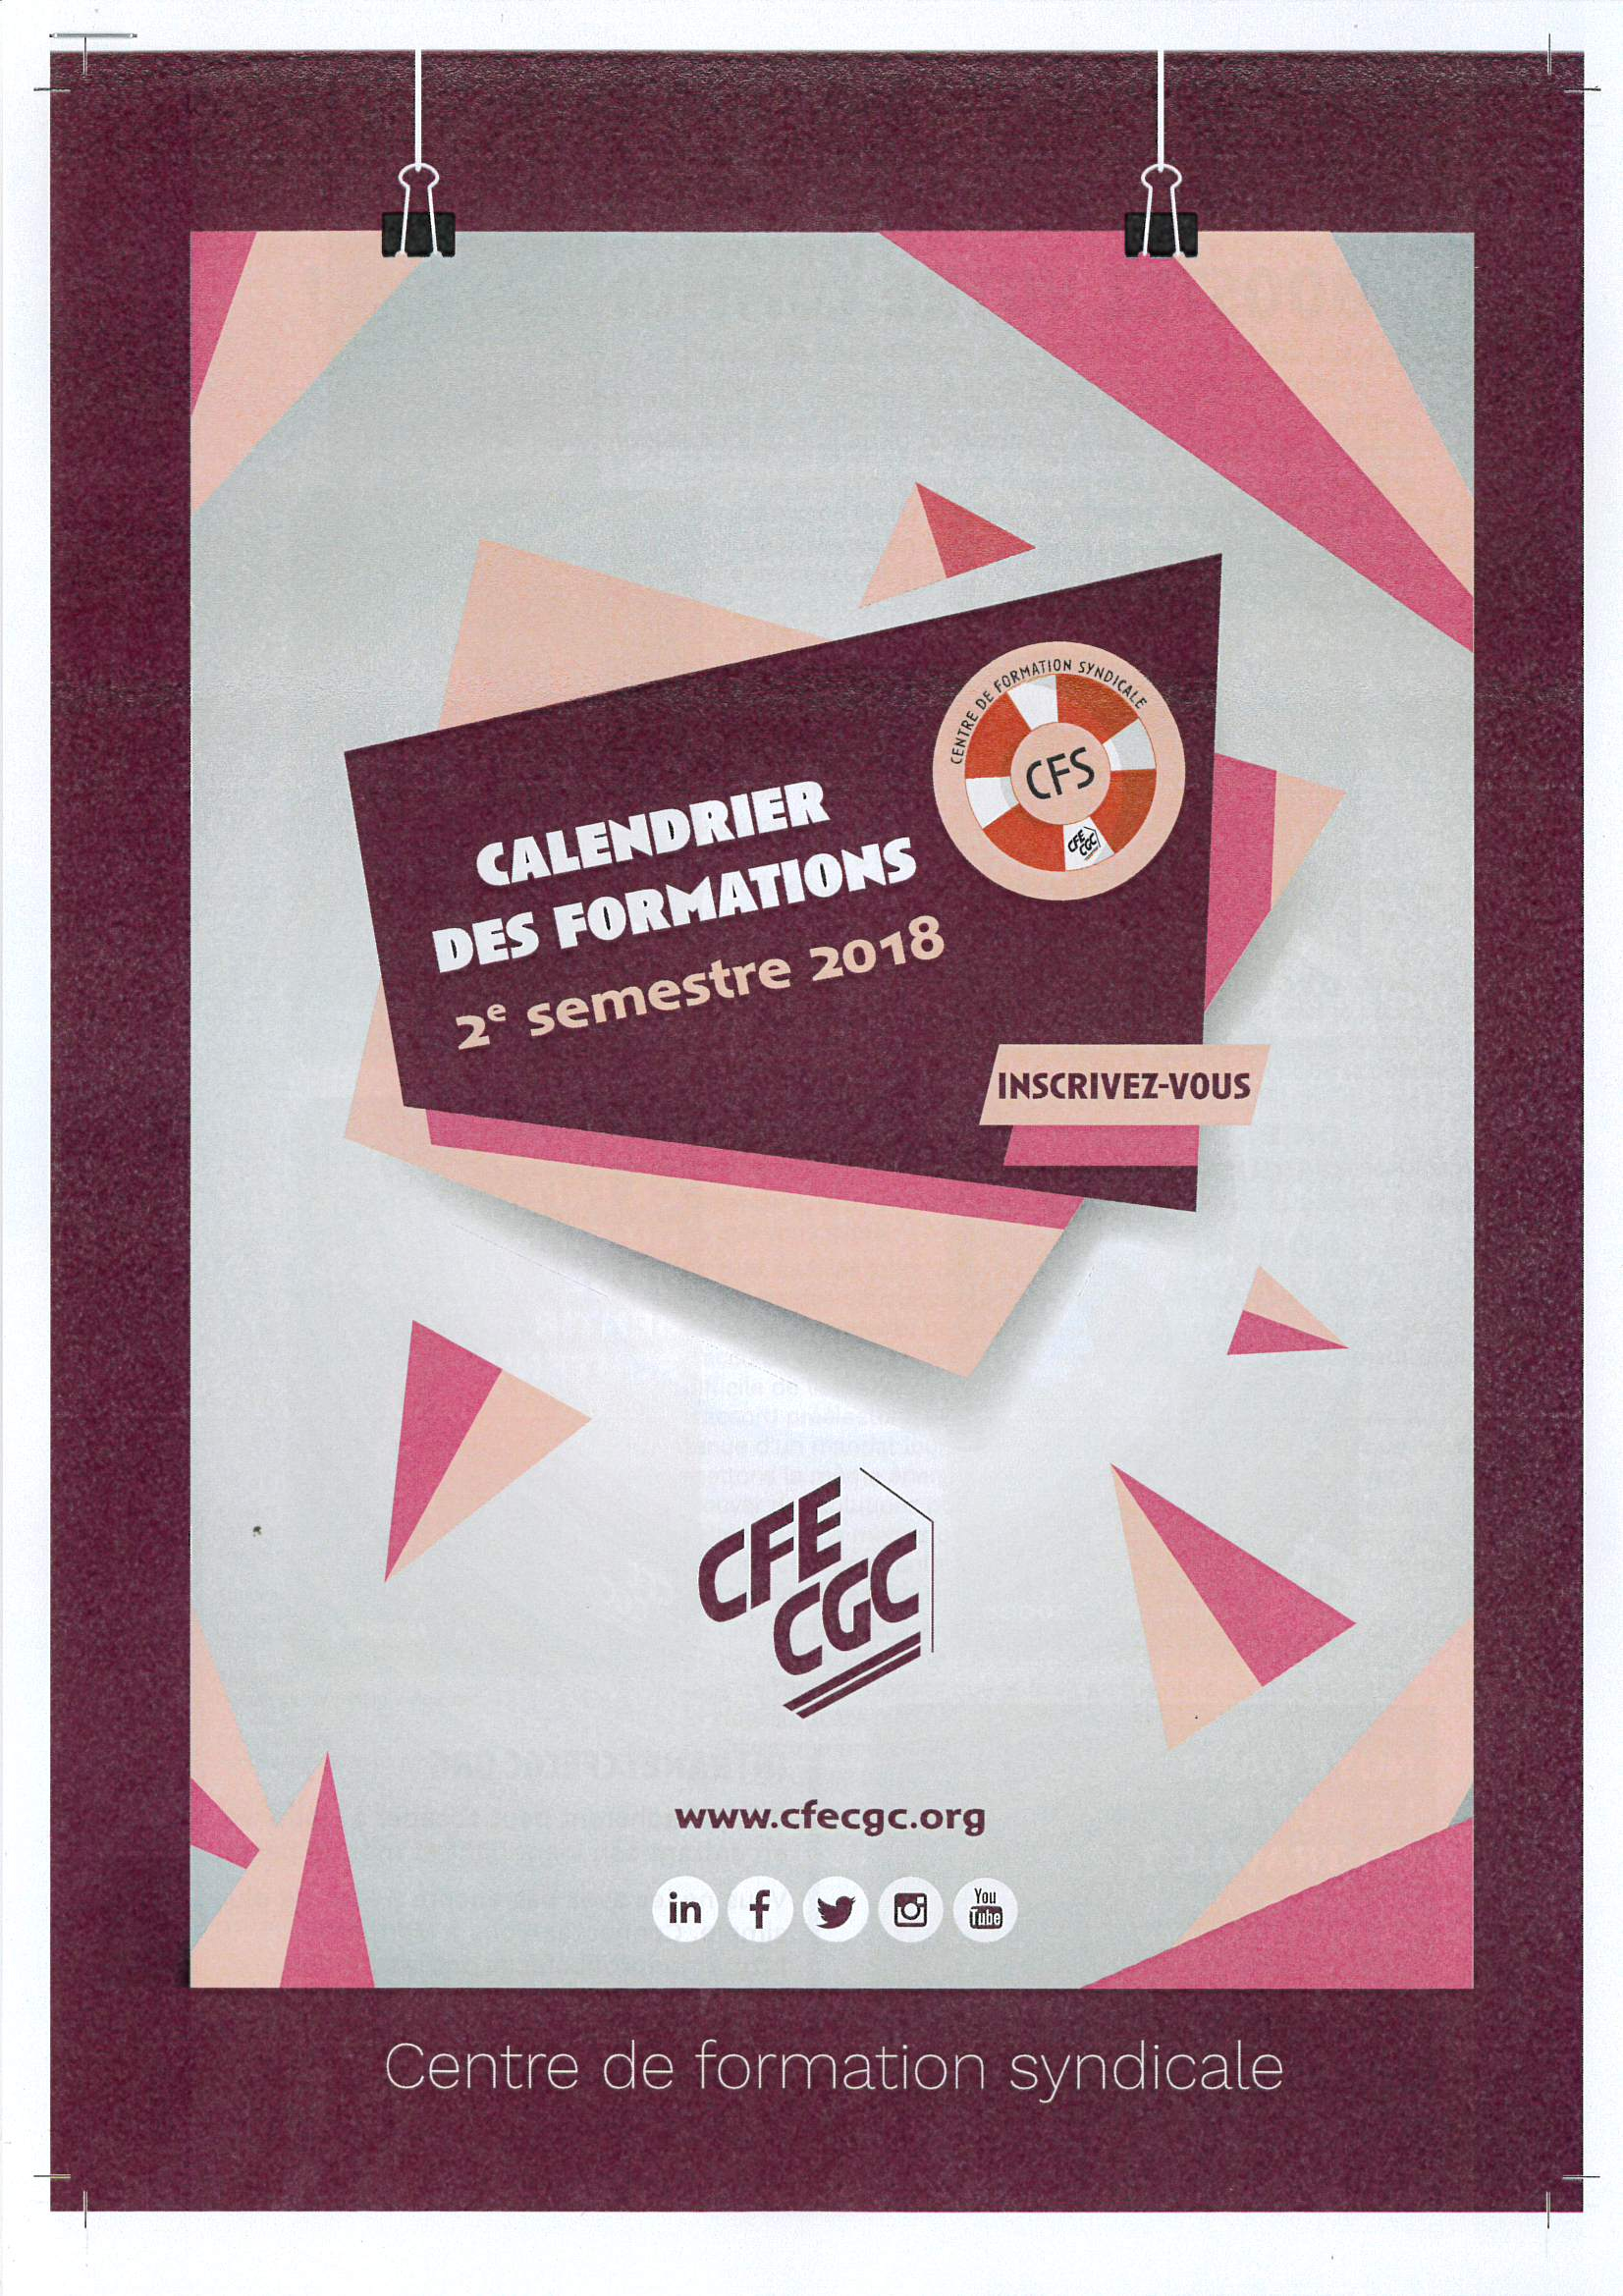 Calendrier Formations Cfs 2Ème Semestre 2018 - Cfe-Cgc Sante pour Calendrier 2Ème Semestre 2018